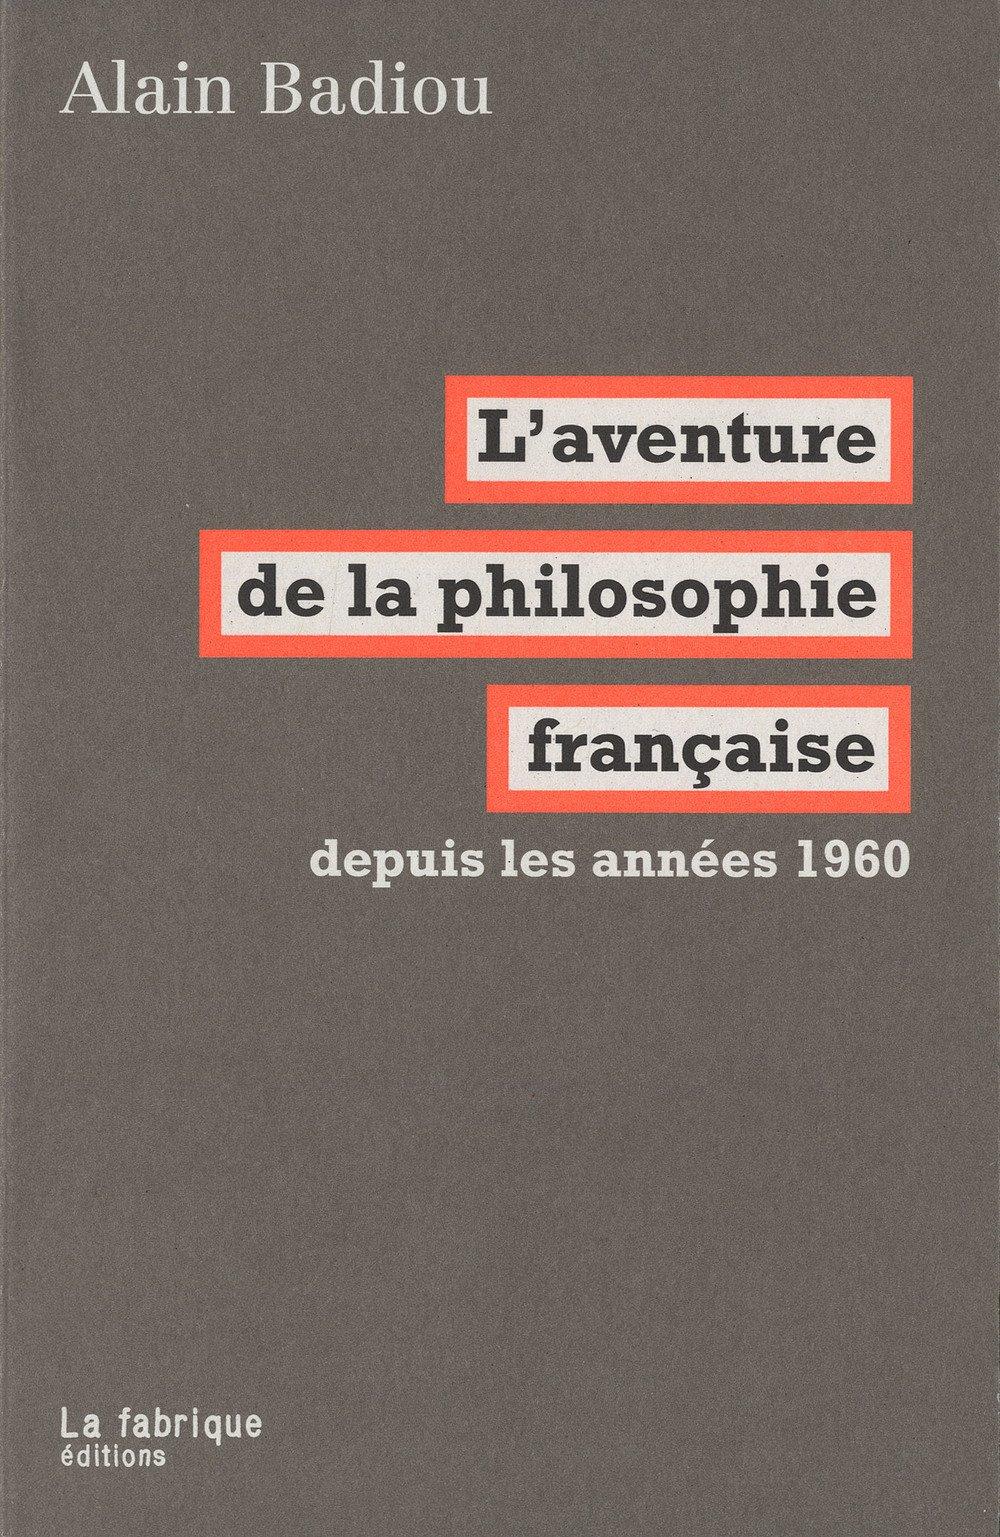 Amazon.fr - L aventure de la philosophie française   Depuis les années 1960  - Alain Badiou - Livres 42335f1b9be